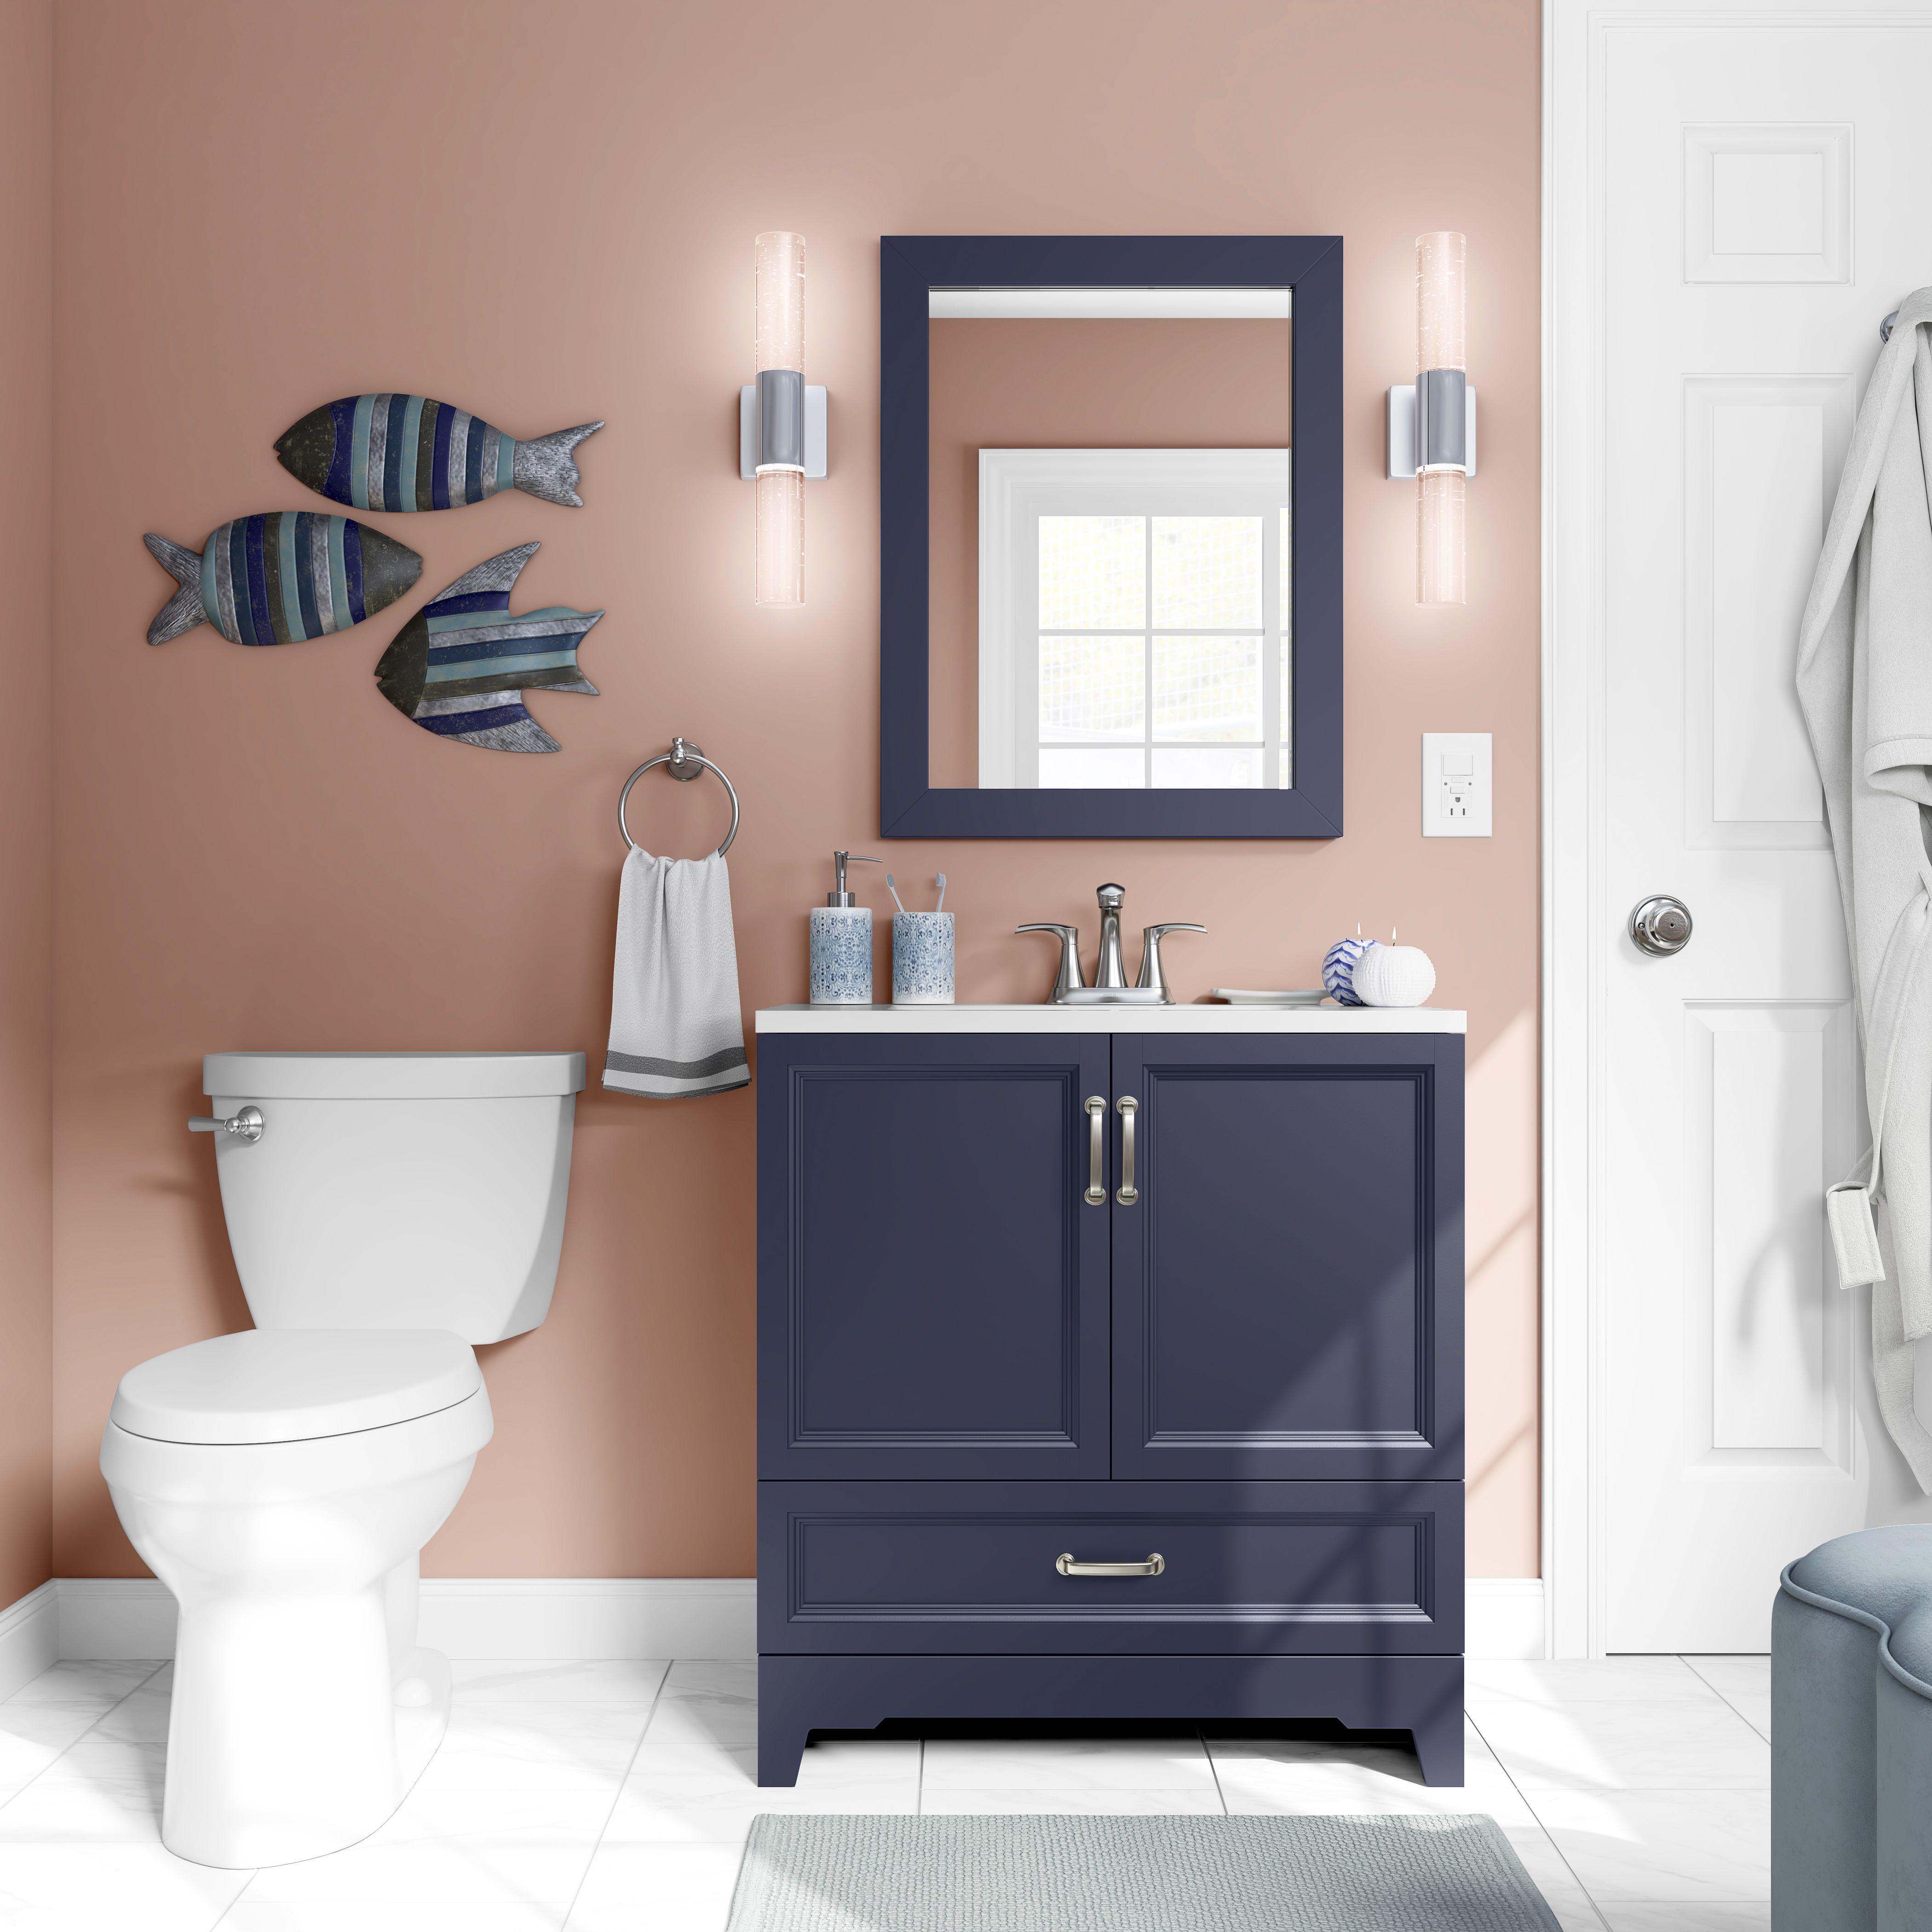 Pin By Mary Lou Tebo On Costal Chic Bathroom Single Sink Bathroom Vanity Painted Vanity Bathroom Bathroom Sink Vanity